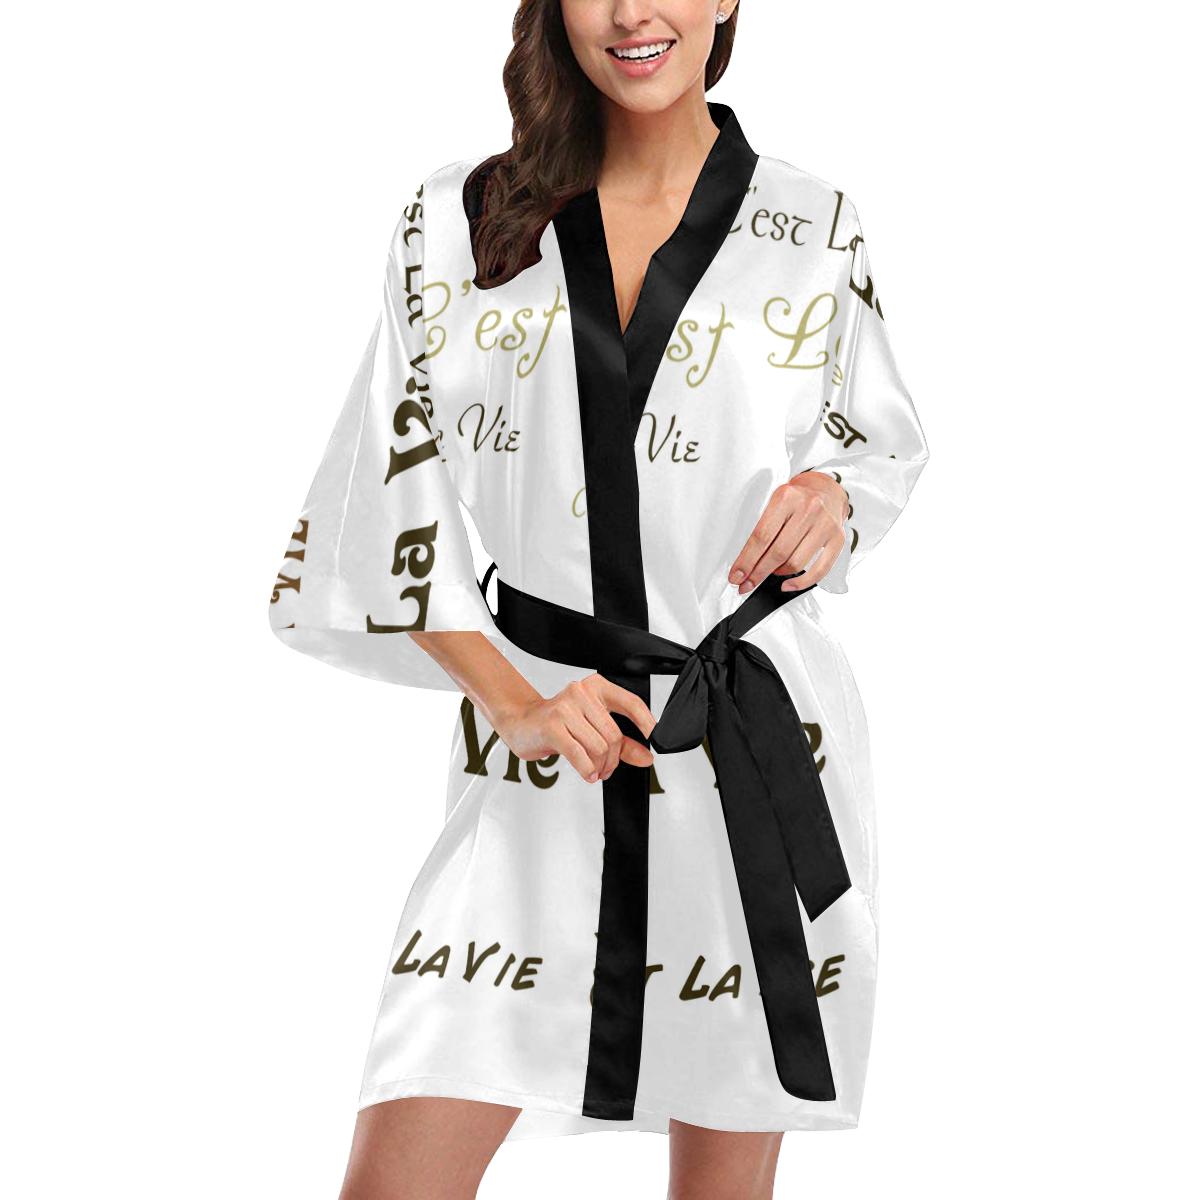 C'est La Vie Kimono Robe